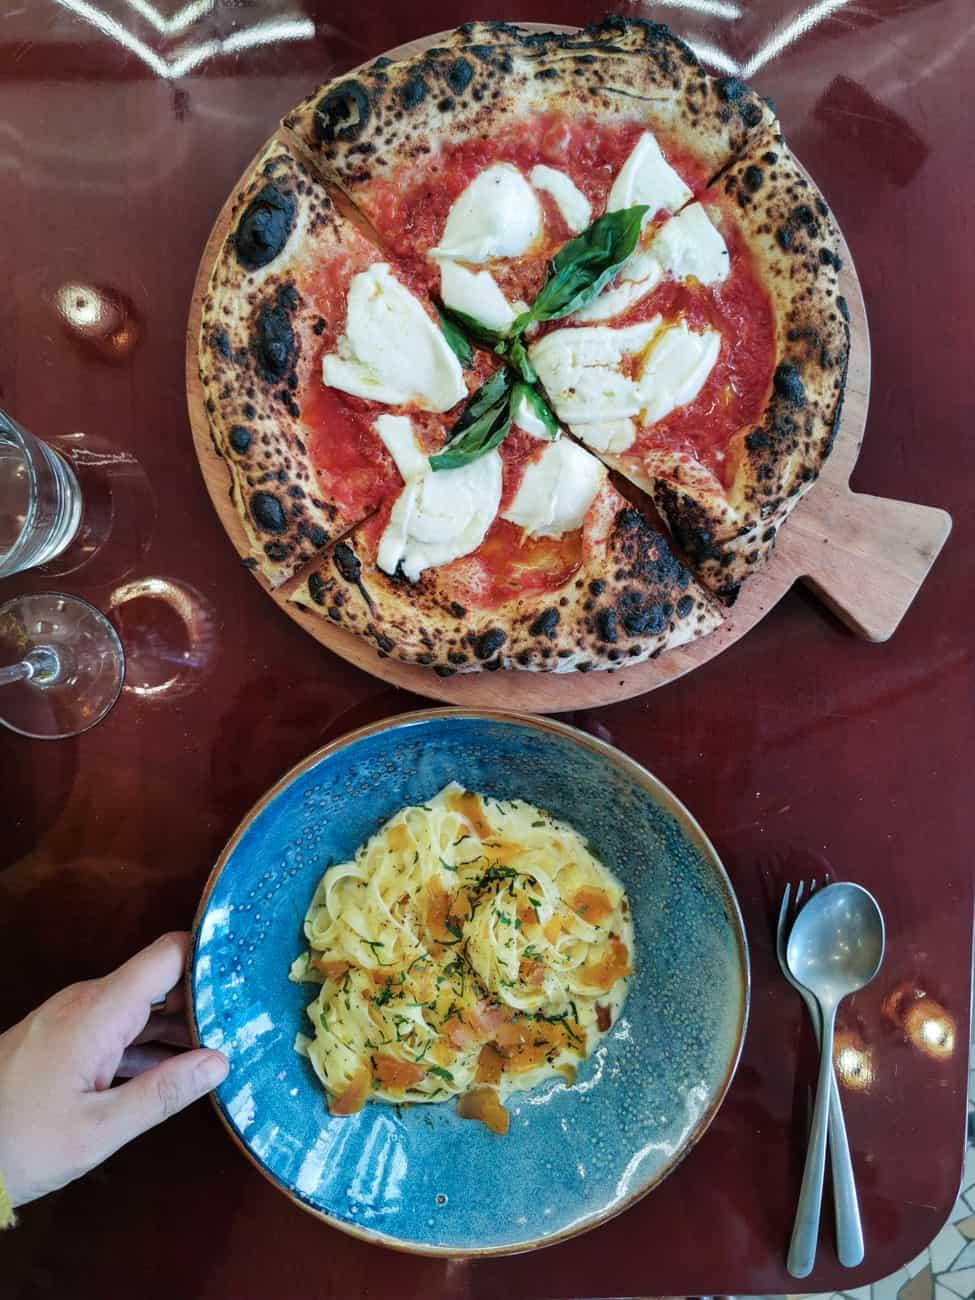 uno-restaurant-italien-pizzeria-les-halles-paris-18